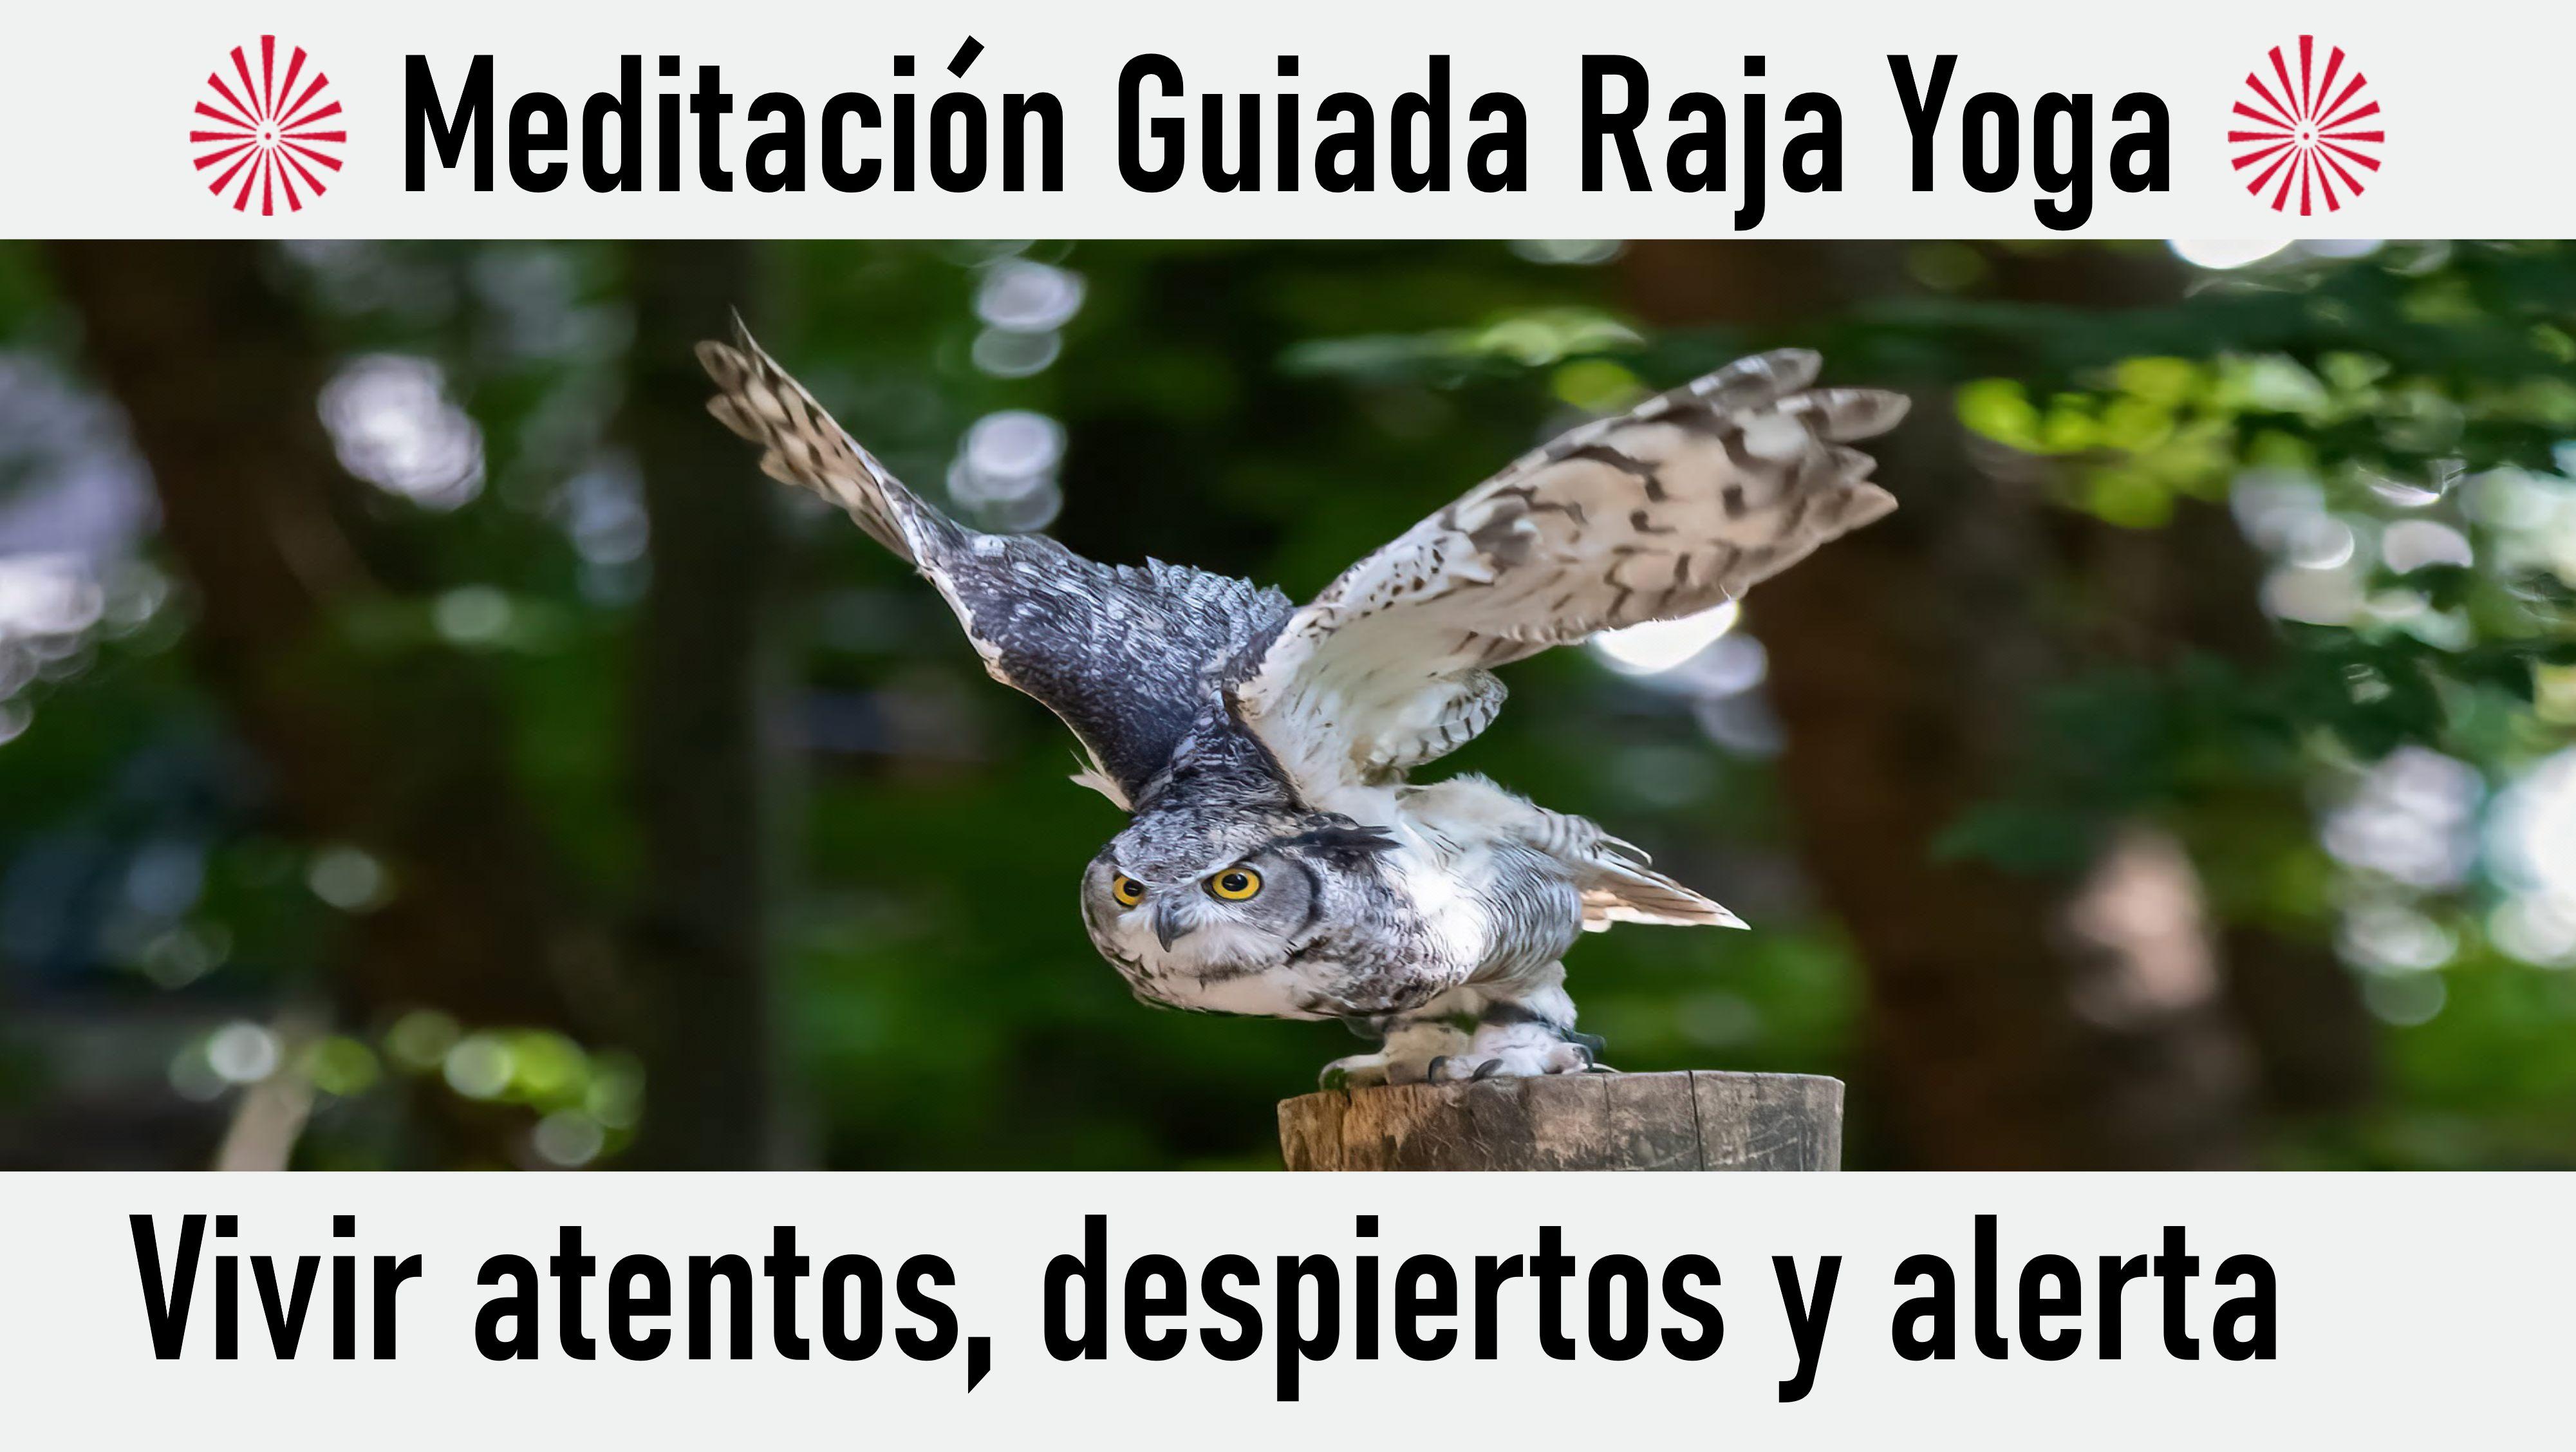 Meditación Raja Yoga: Vivir atentos, despiertos y alerta (31 Octubre 2020) On-line desde